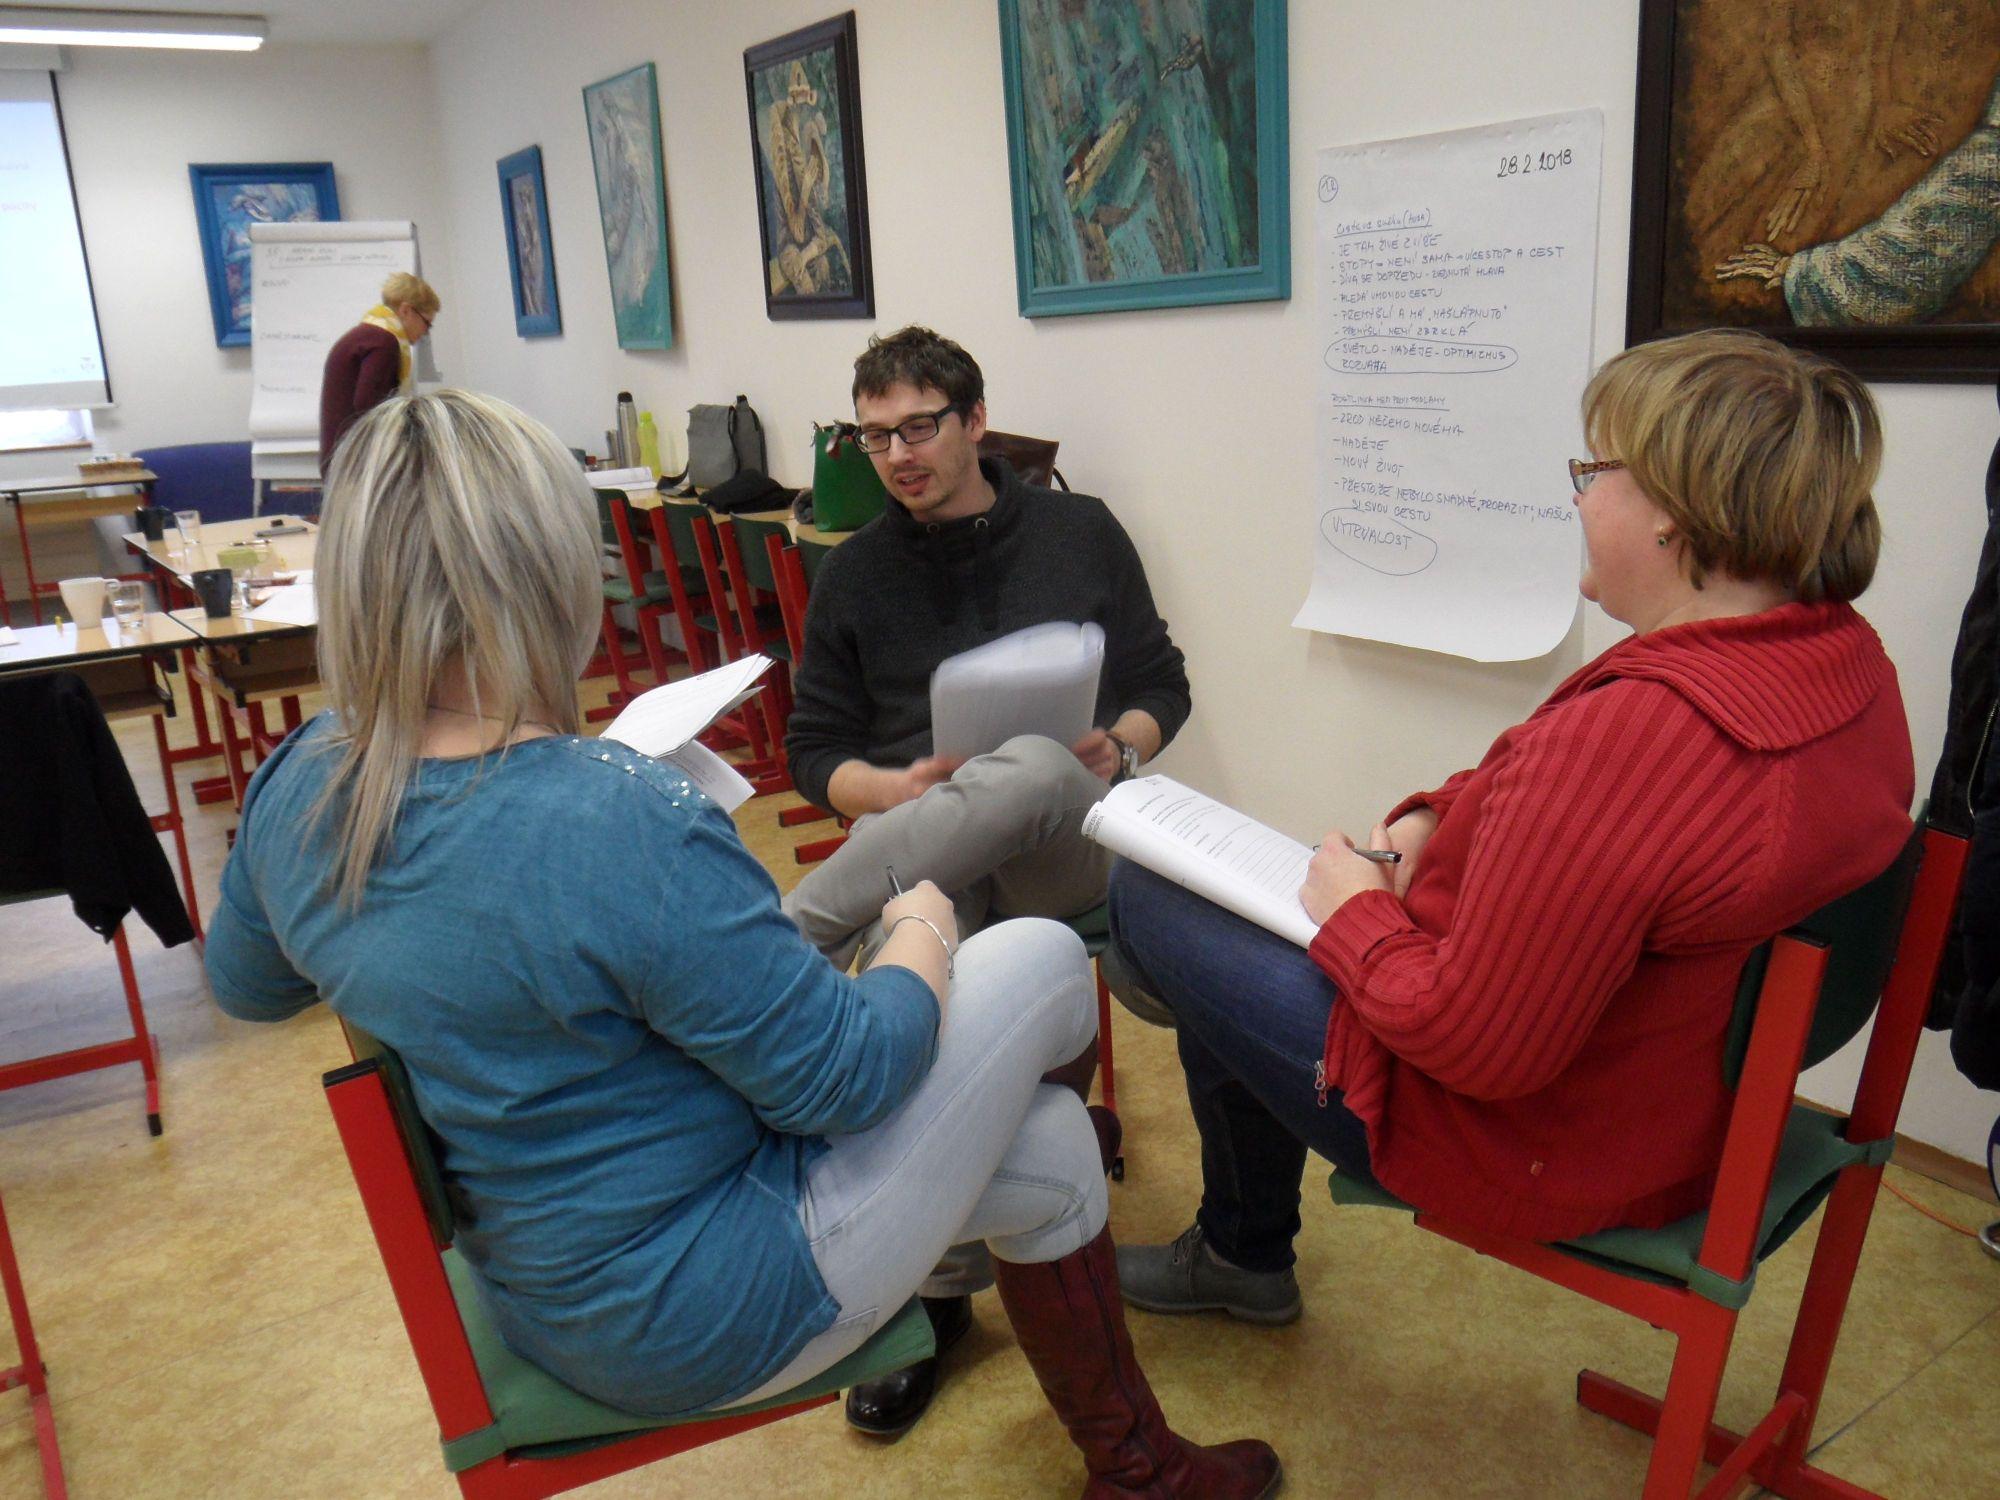 Plánování profesního rozvoje v sociálních službách